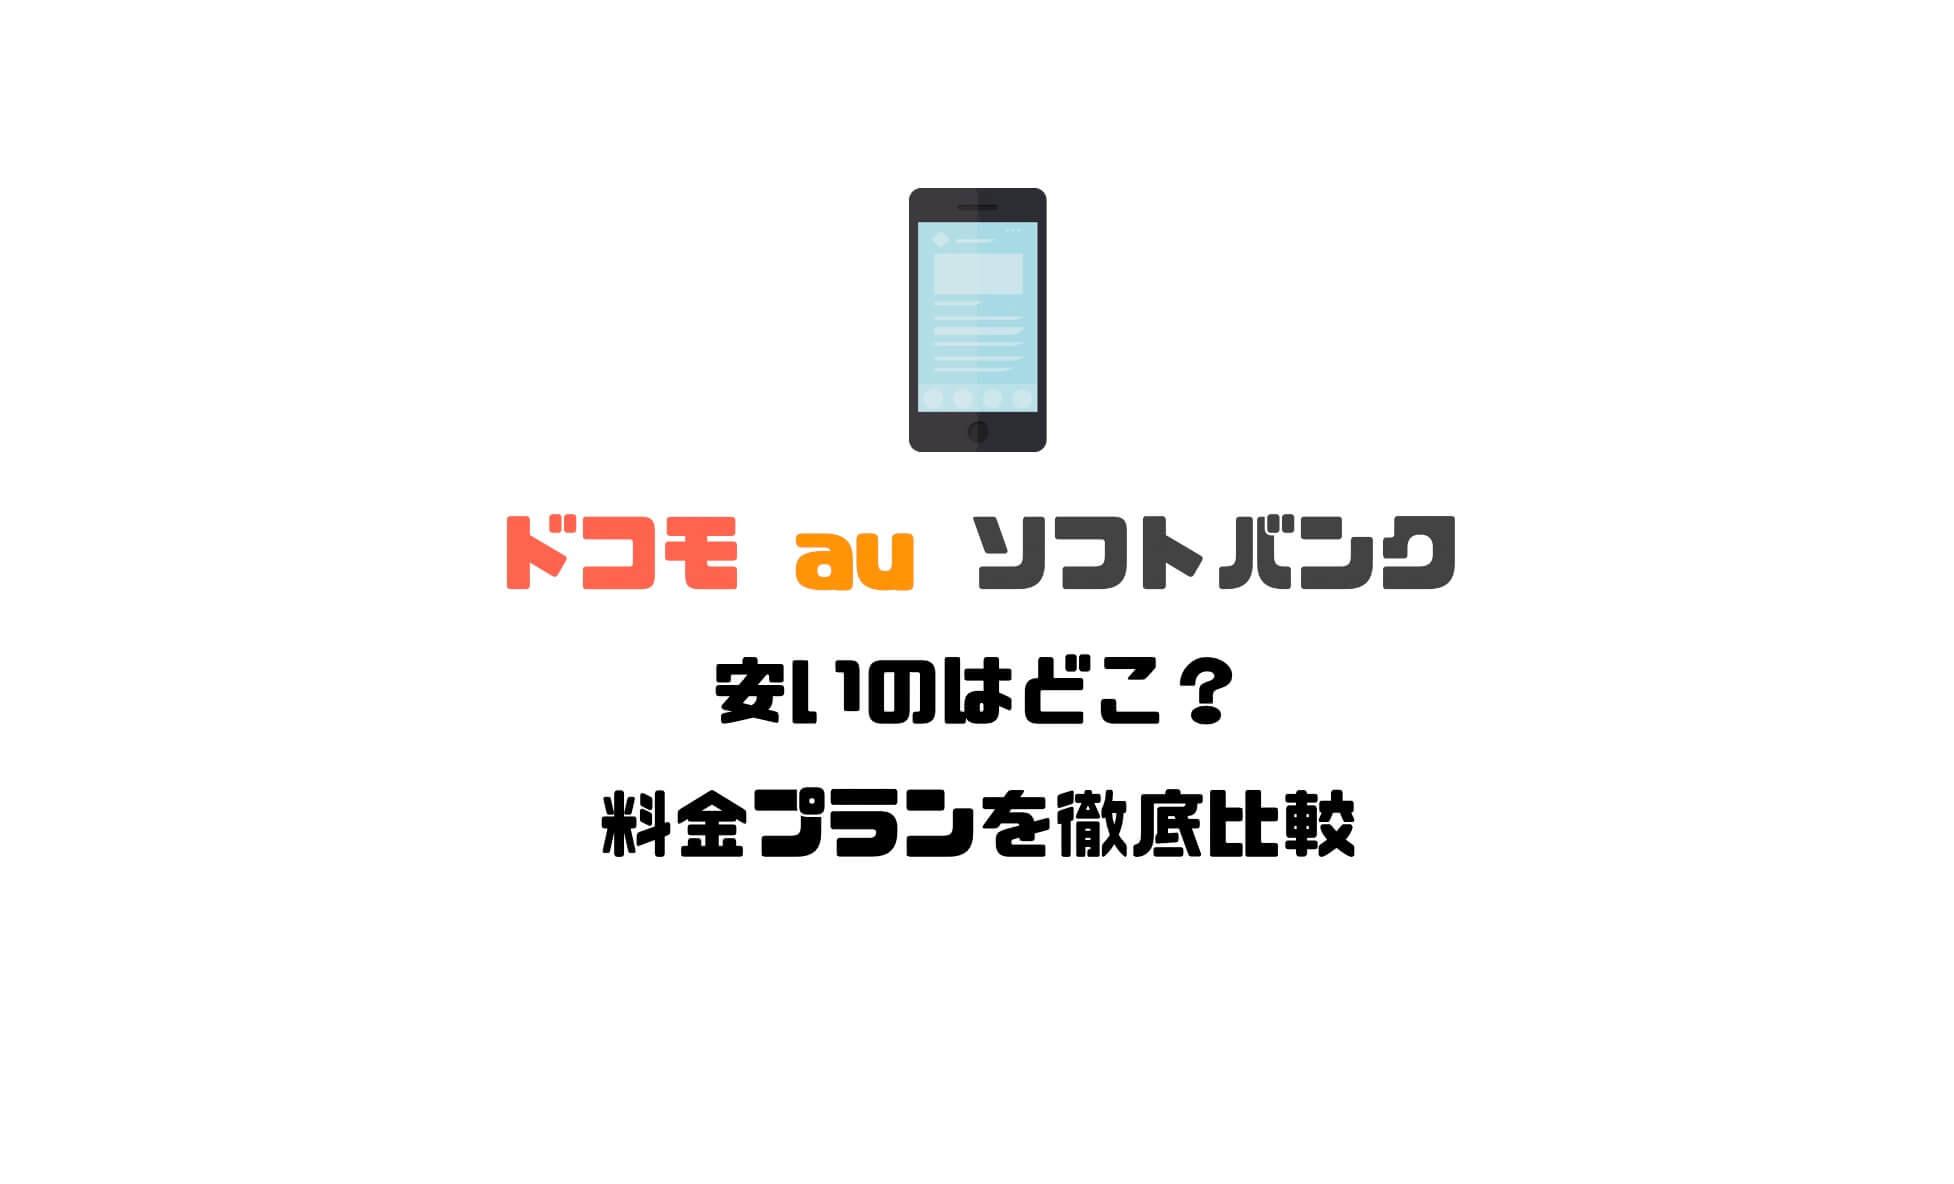 キャリア 携帯 宝くじ 大 三